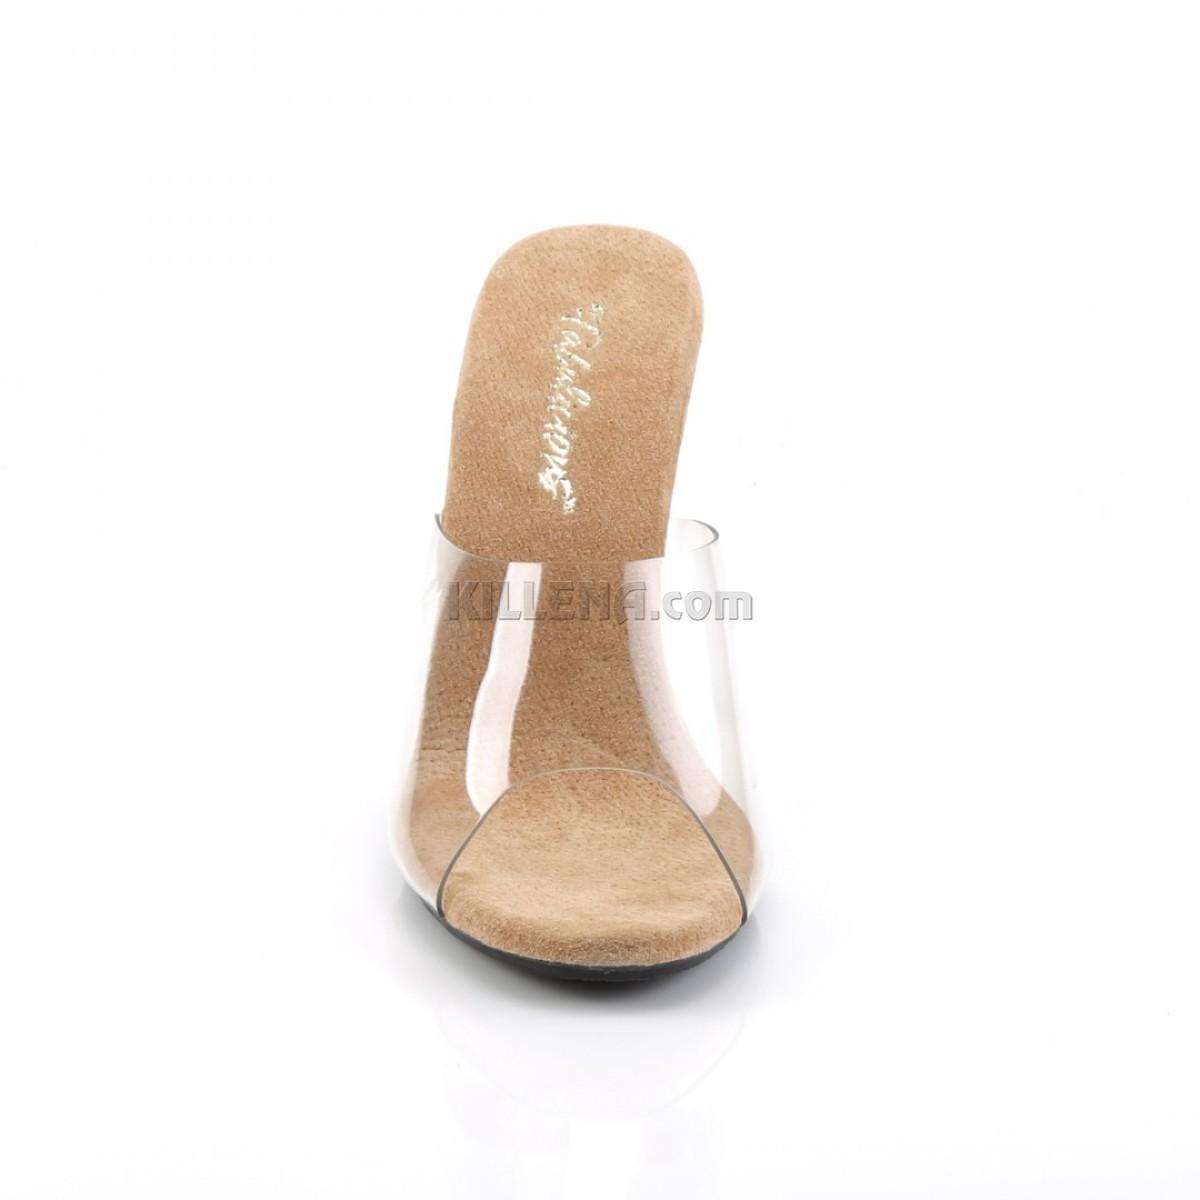 Шлепанцы на низком каблуке с силиконовым верхом и бежевой стелькой